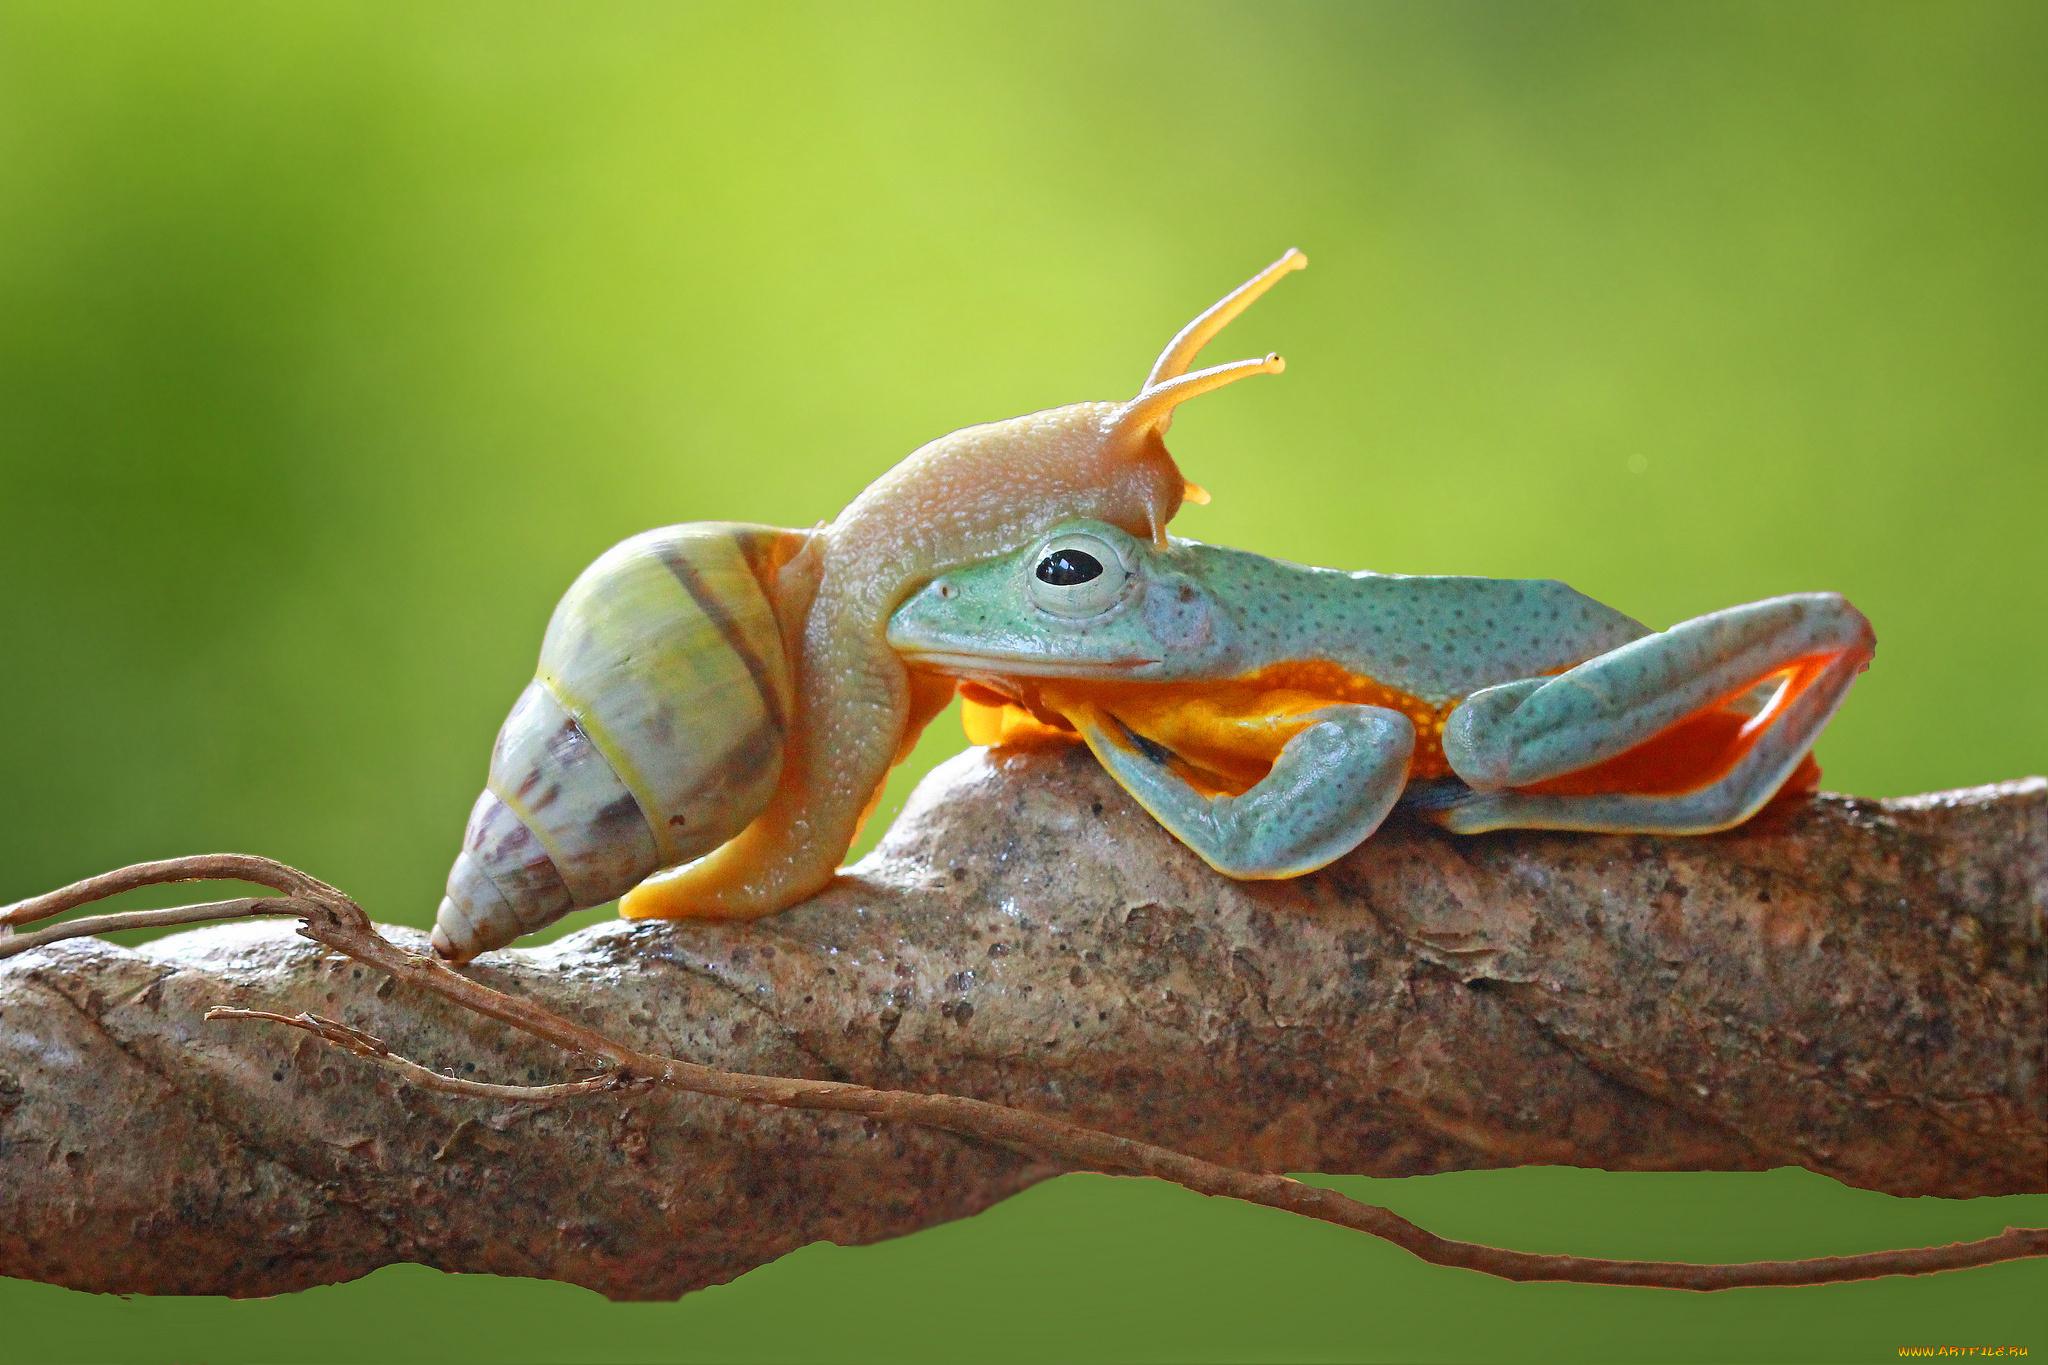 природа животные улитка без смс